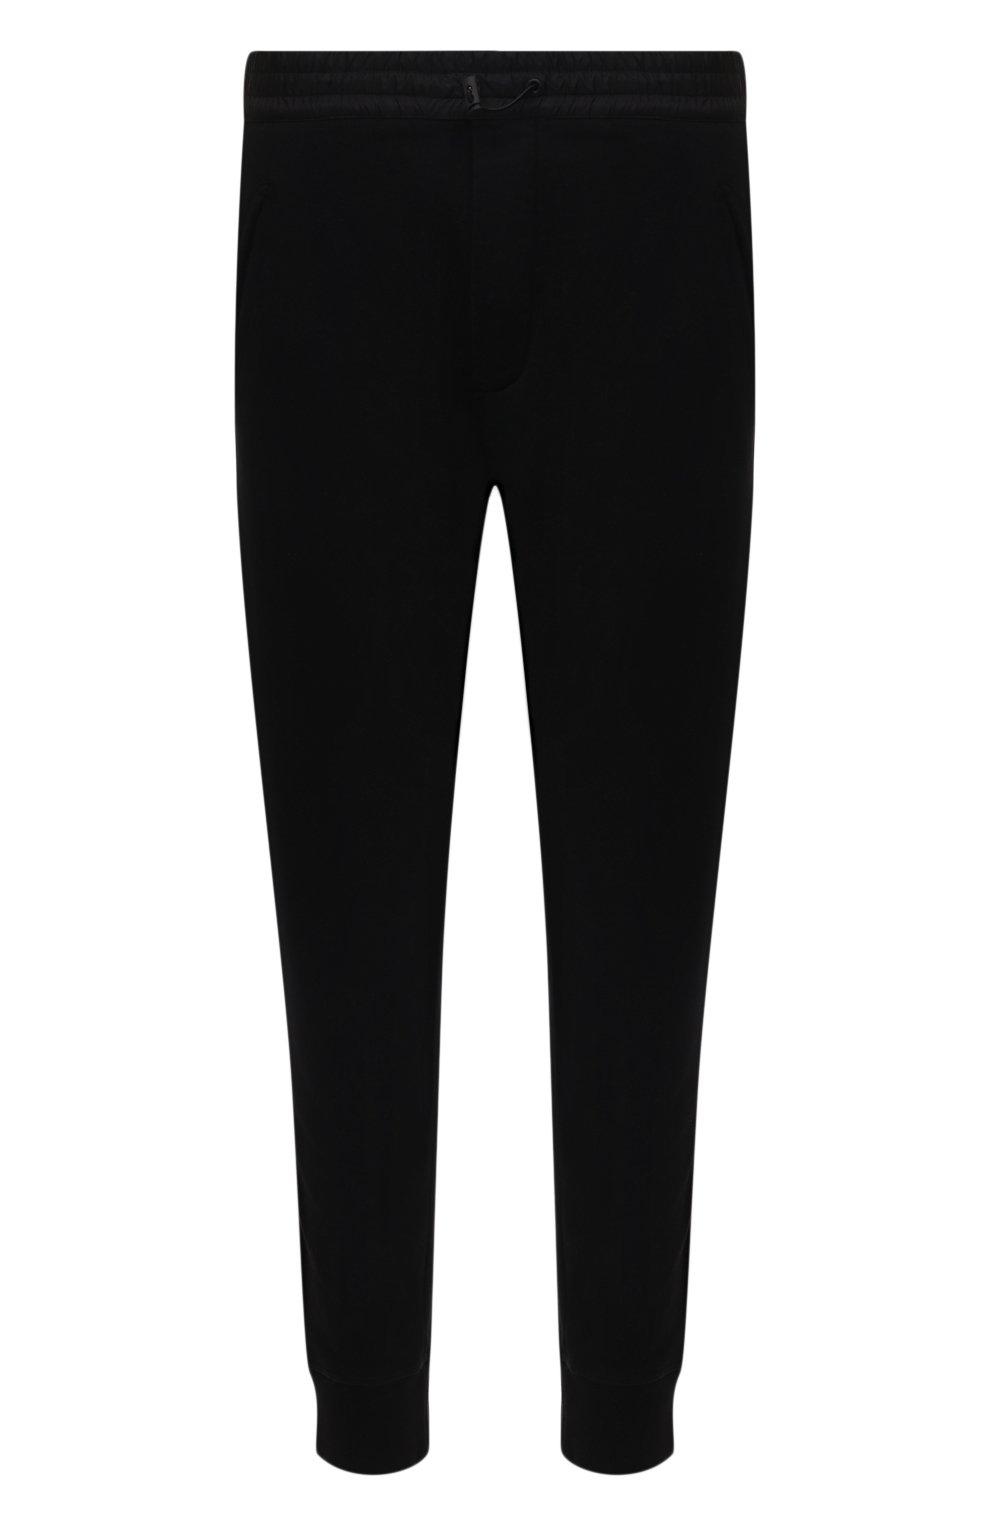 Мужские хлопковые джоггеры DSQUARED2 черного цвета, арт. S79KA0020/S25042 | Фото 1 (Мужское Кросс-КТ: Брюки-трикотаж; Длина (брюки, джинсы): Стандартные; Кросс-КТ: Спорт; Материал внешний: Хлопок; Стили: Спорт-шик; Силуэт М (брюки): Джоггеры)